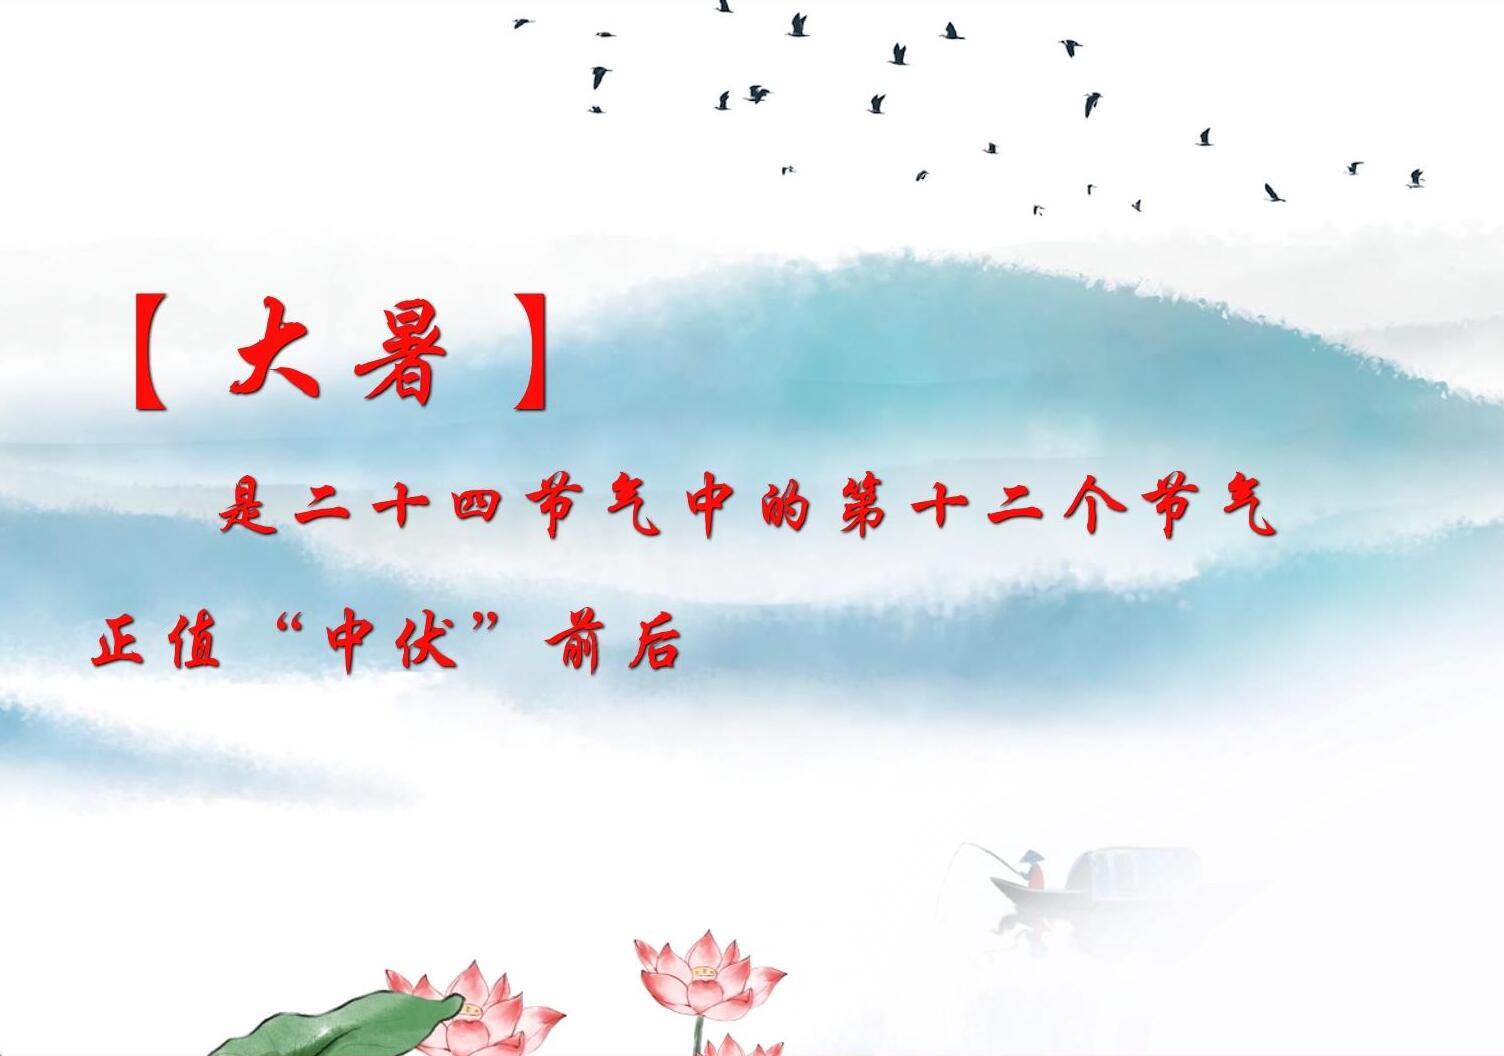 【舜网二十四节气】大暑:绿树荫浓夏日长 楼台倒影入池塘